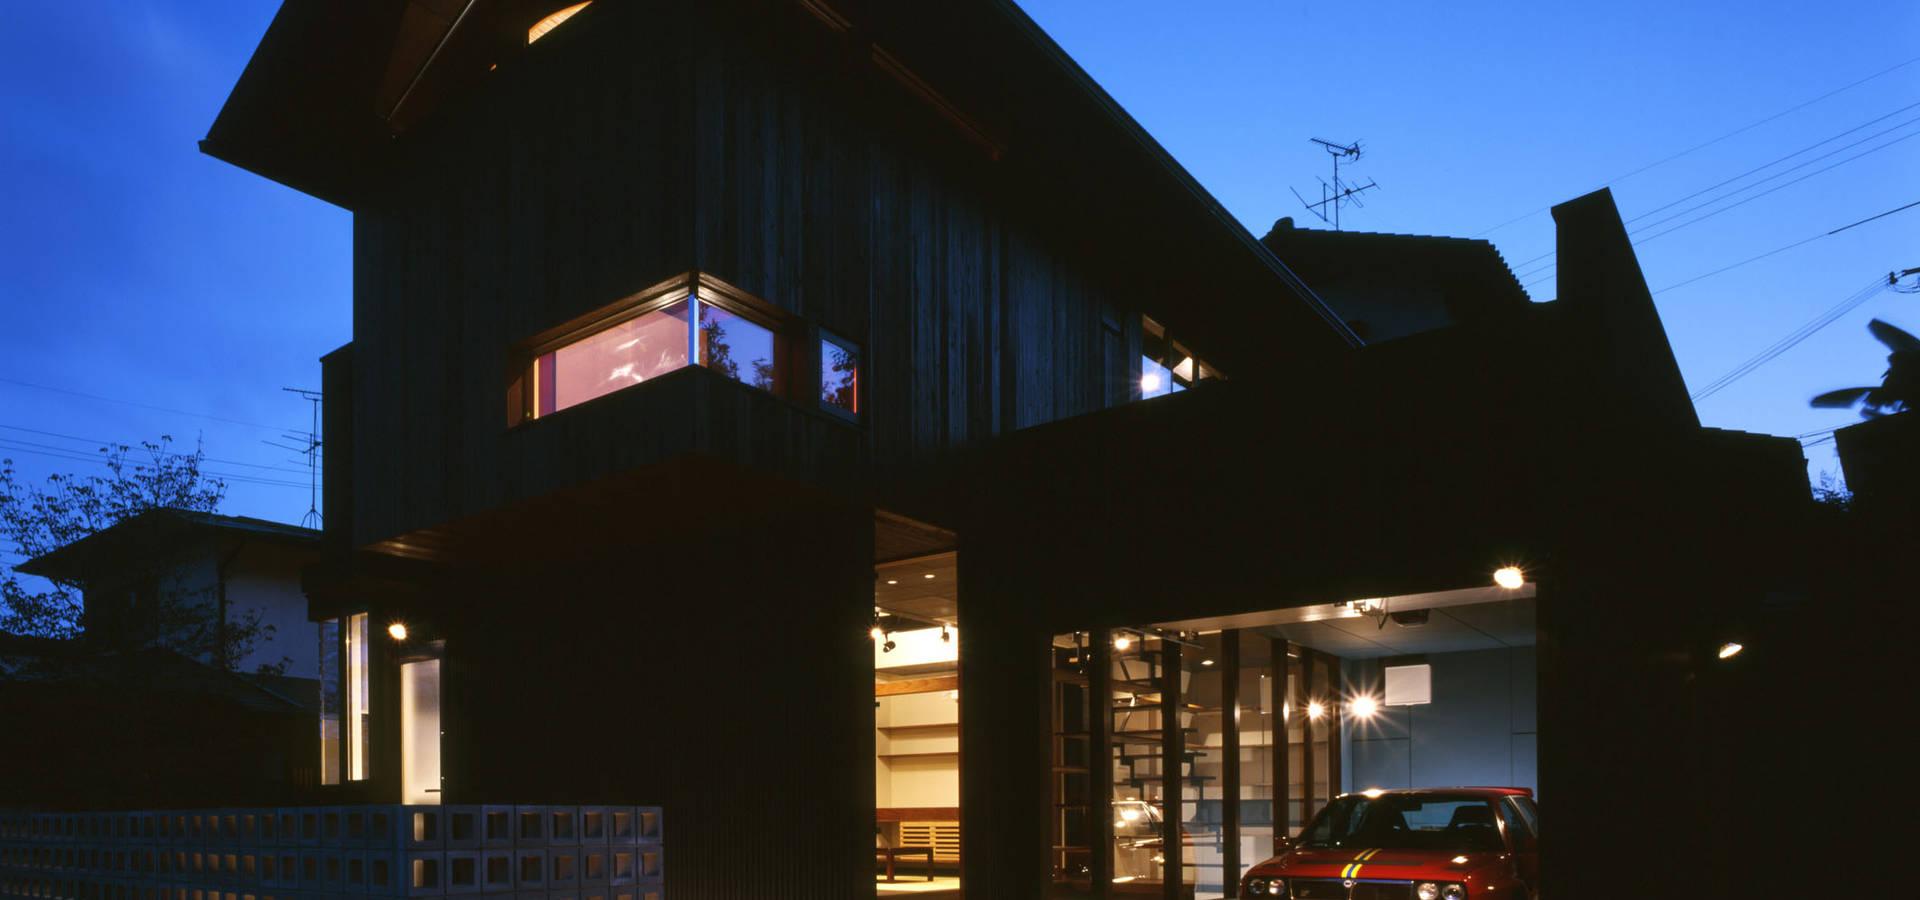 田中一郎建築事務所